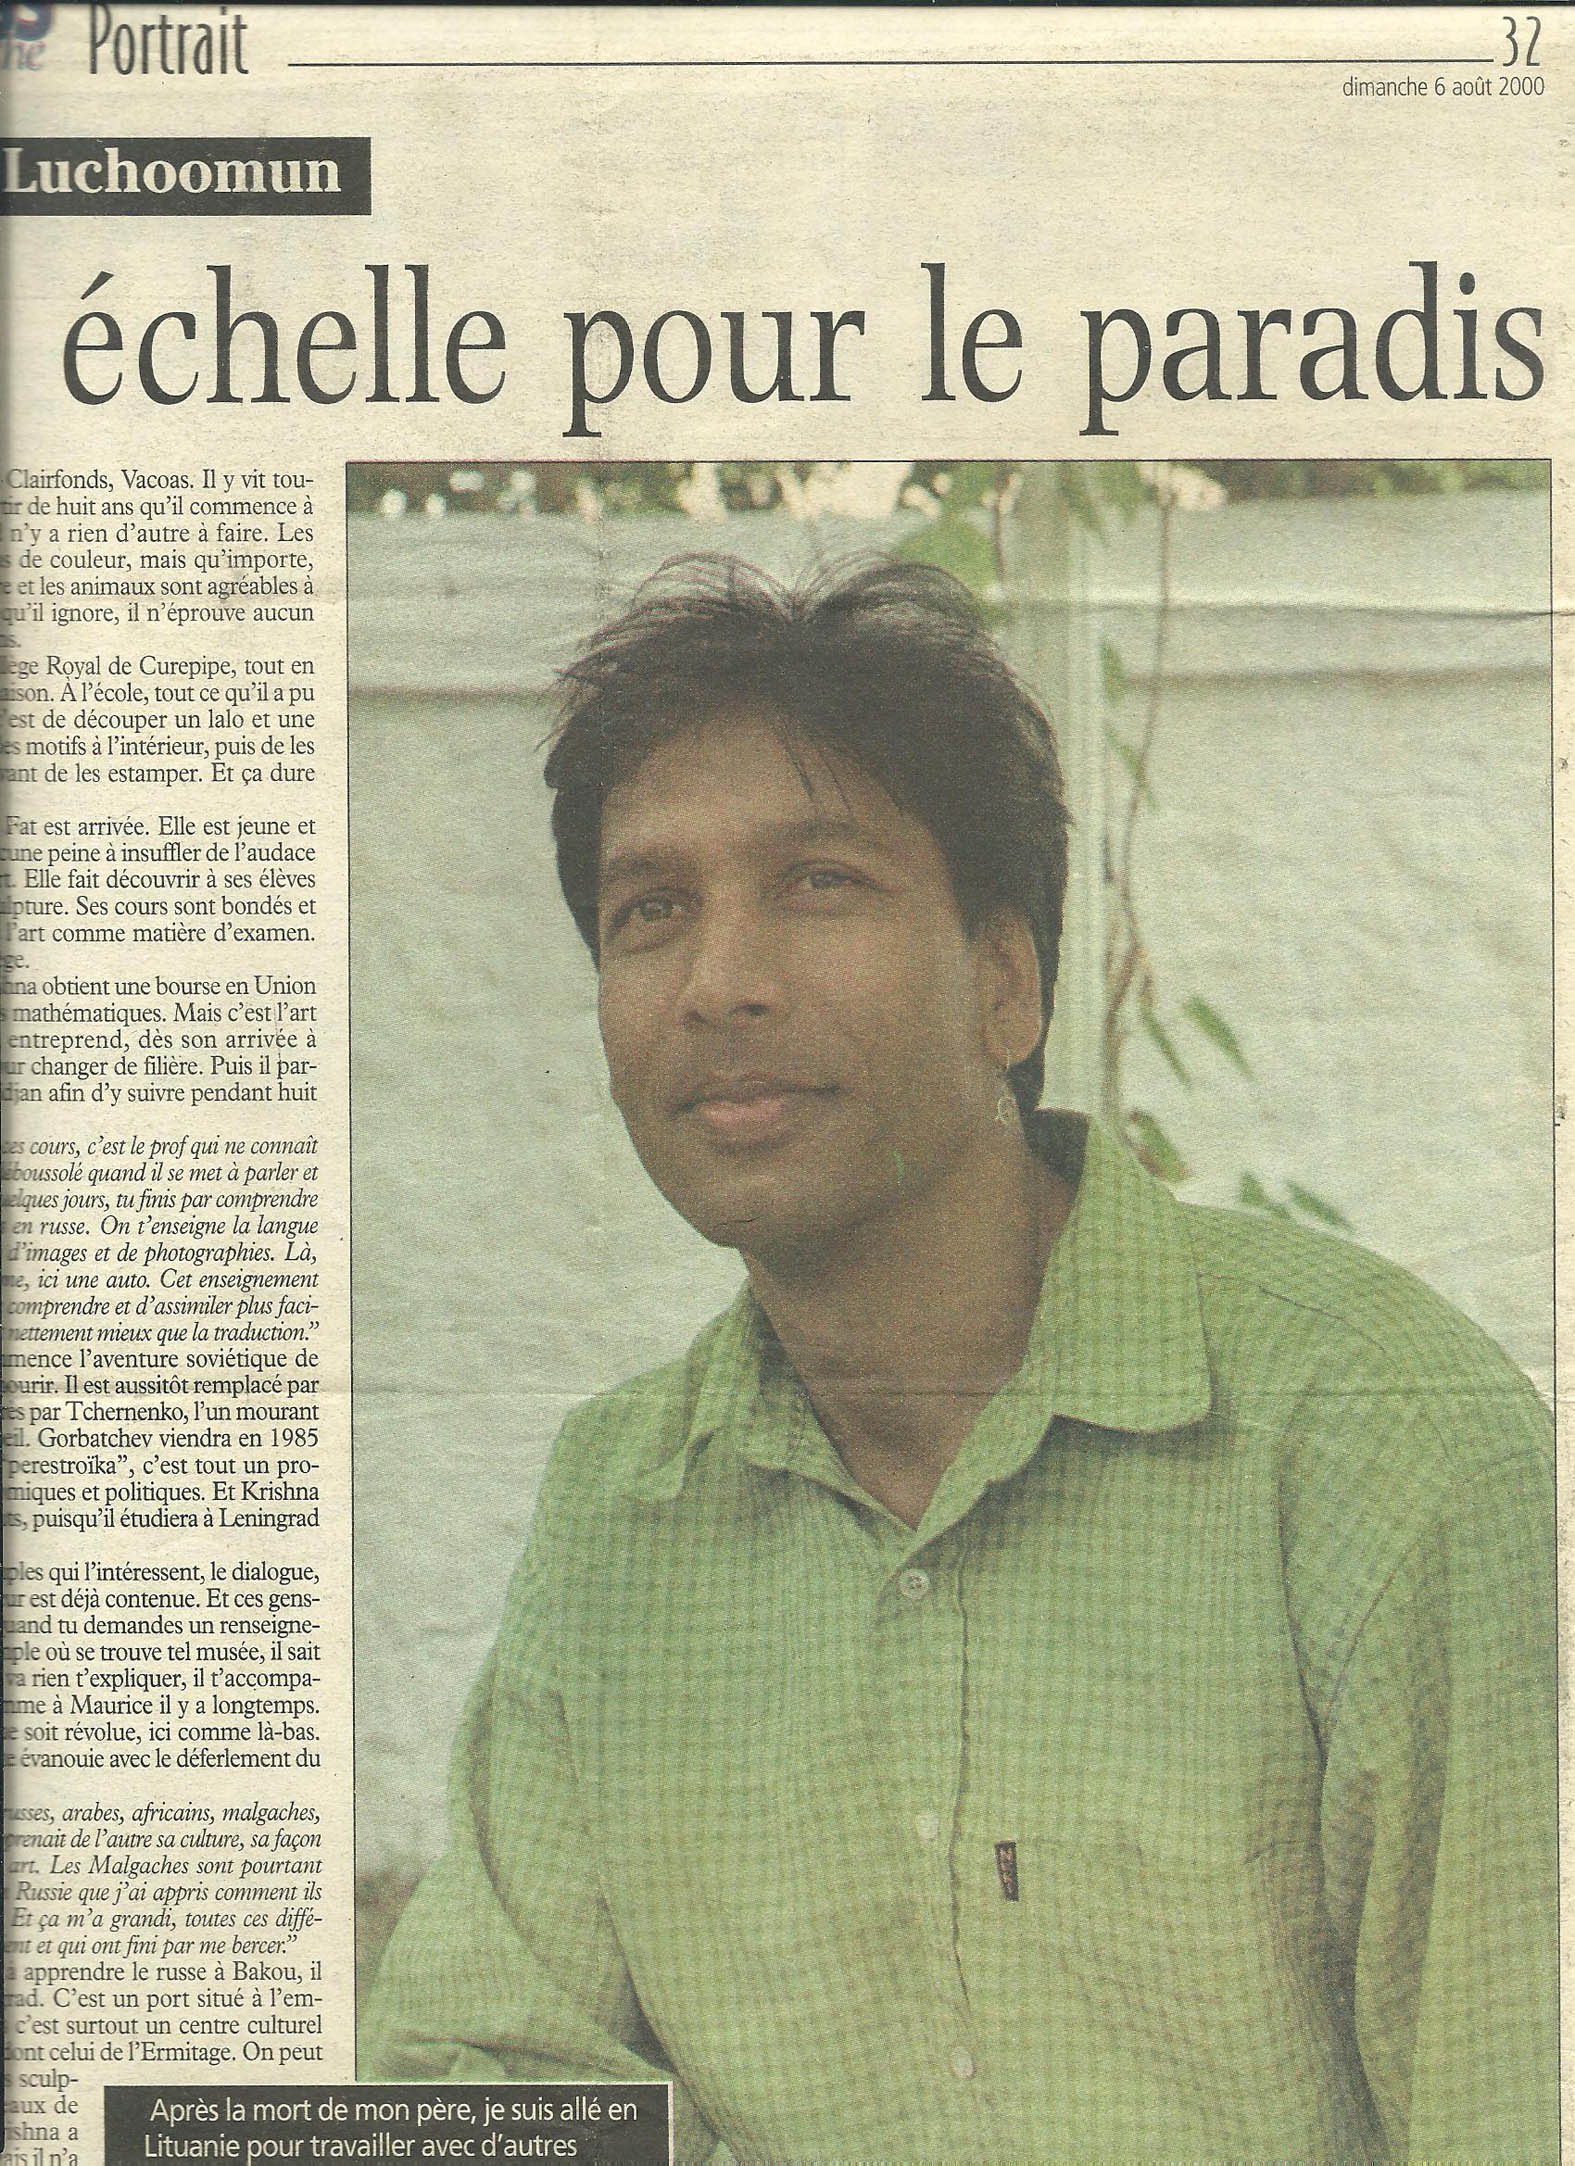 LEXPRESS, 6 August 2000